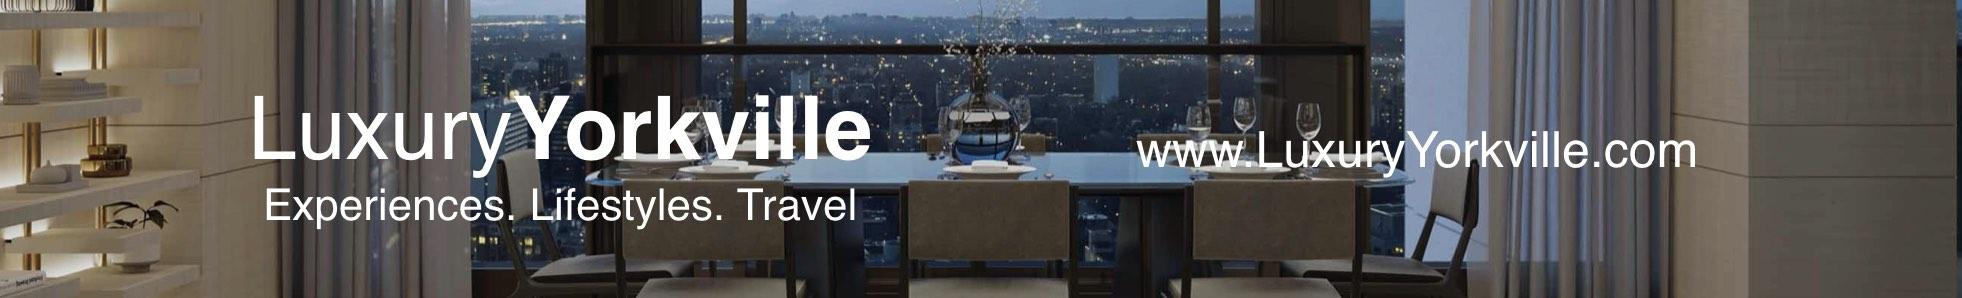 LuxuryYorkville Ad 02